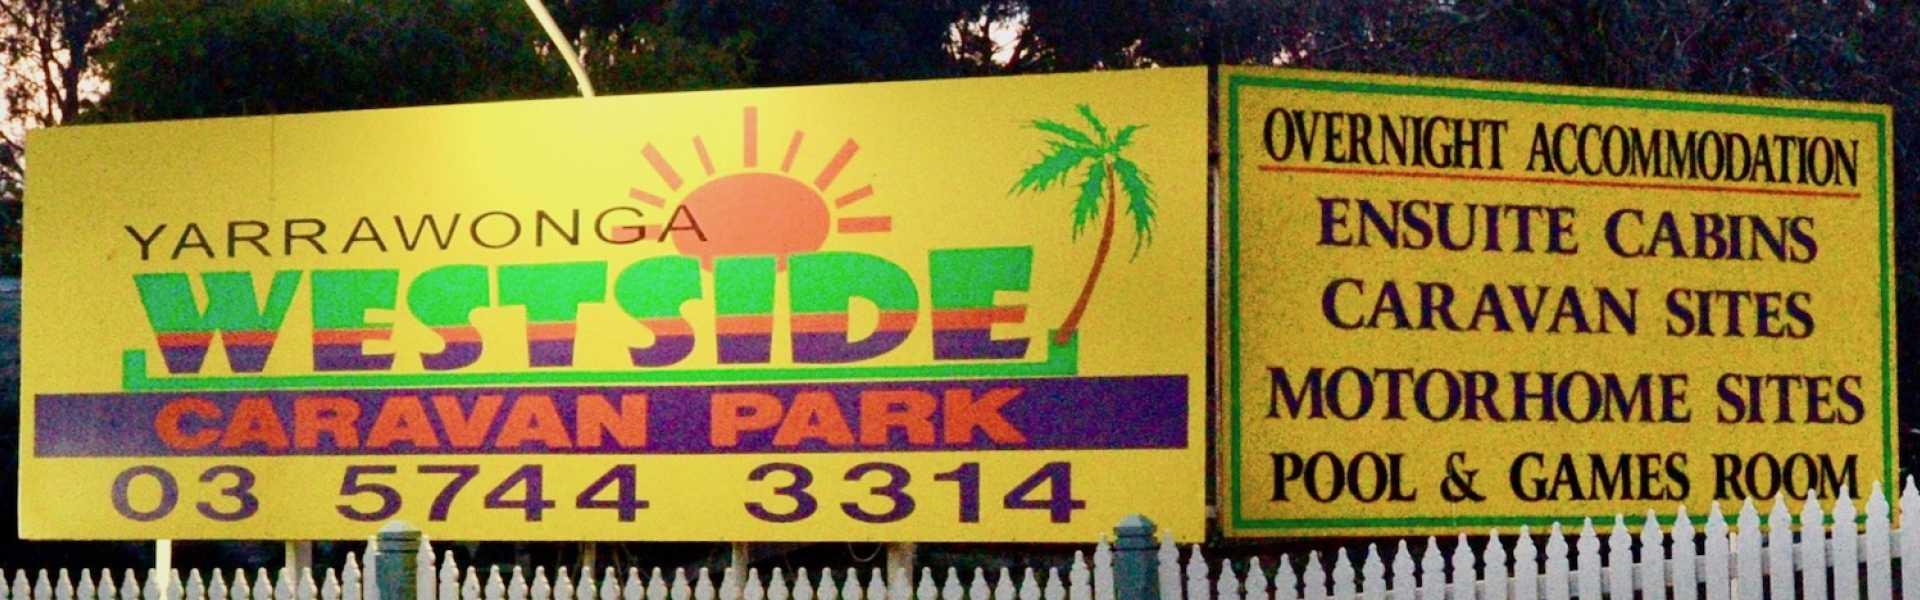 Kui Parks, Yarrawonga Westside Holiday Park, Signage